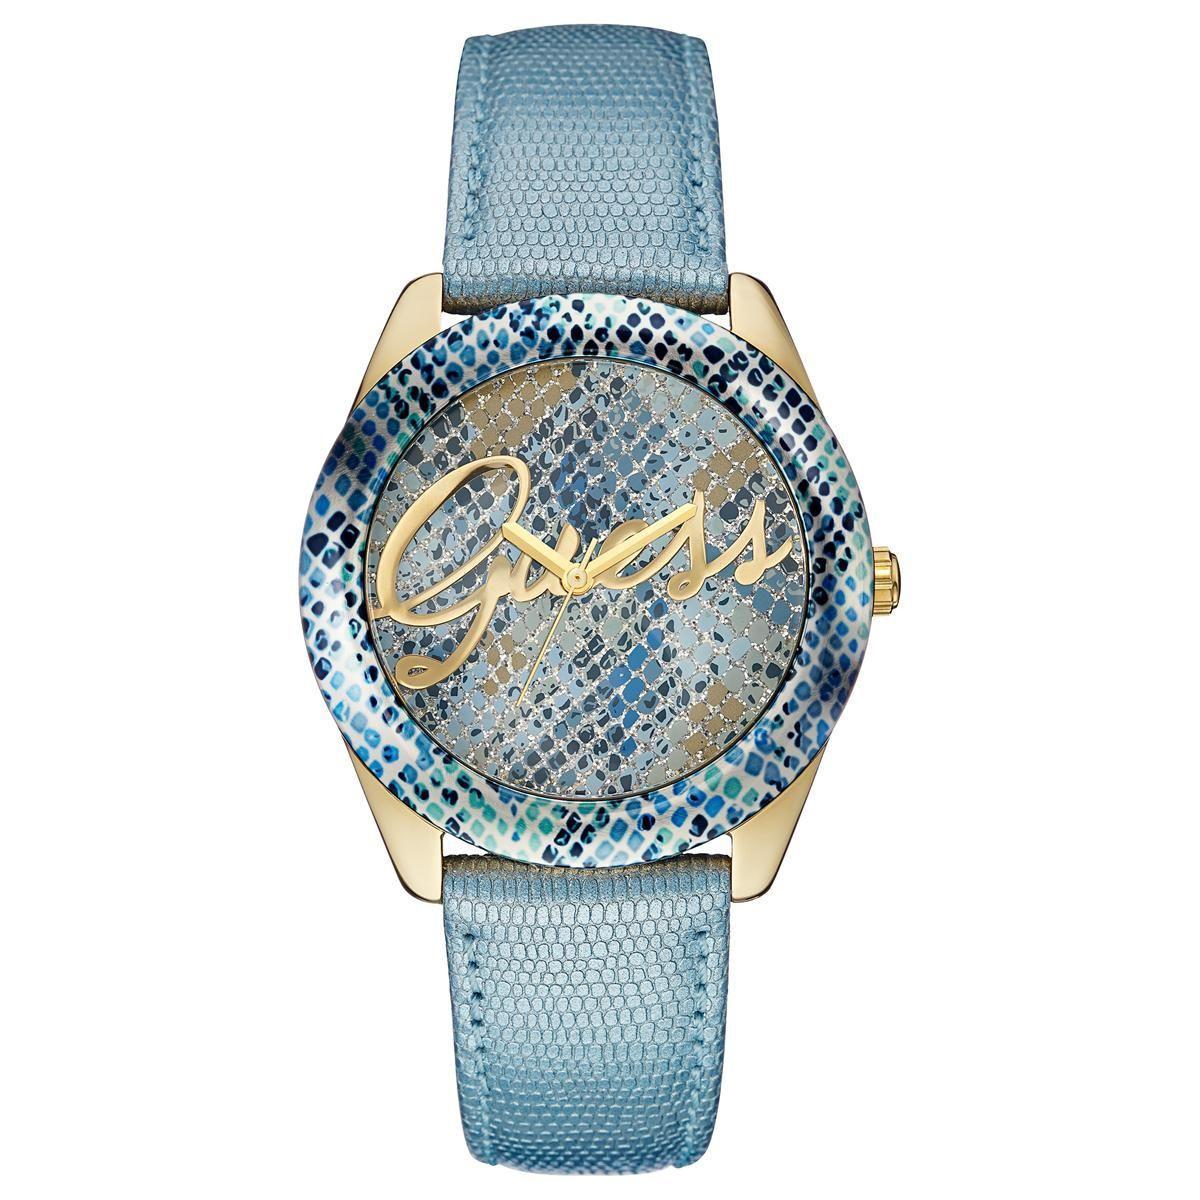 69c5a49d20f Relógio de Pulso Guess Coleção Jeans Feminino 92536LPGTDC3 - Azul e Dourado  R  480